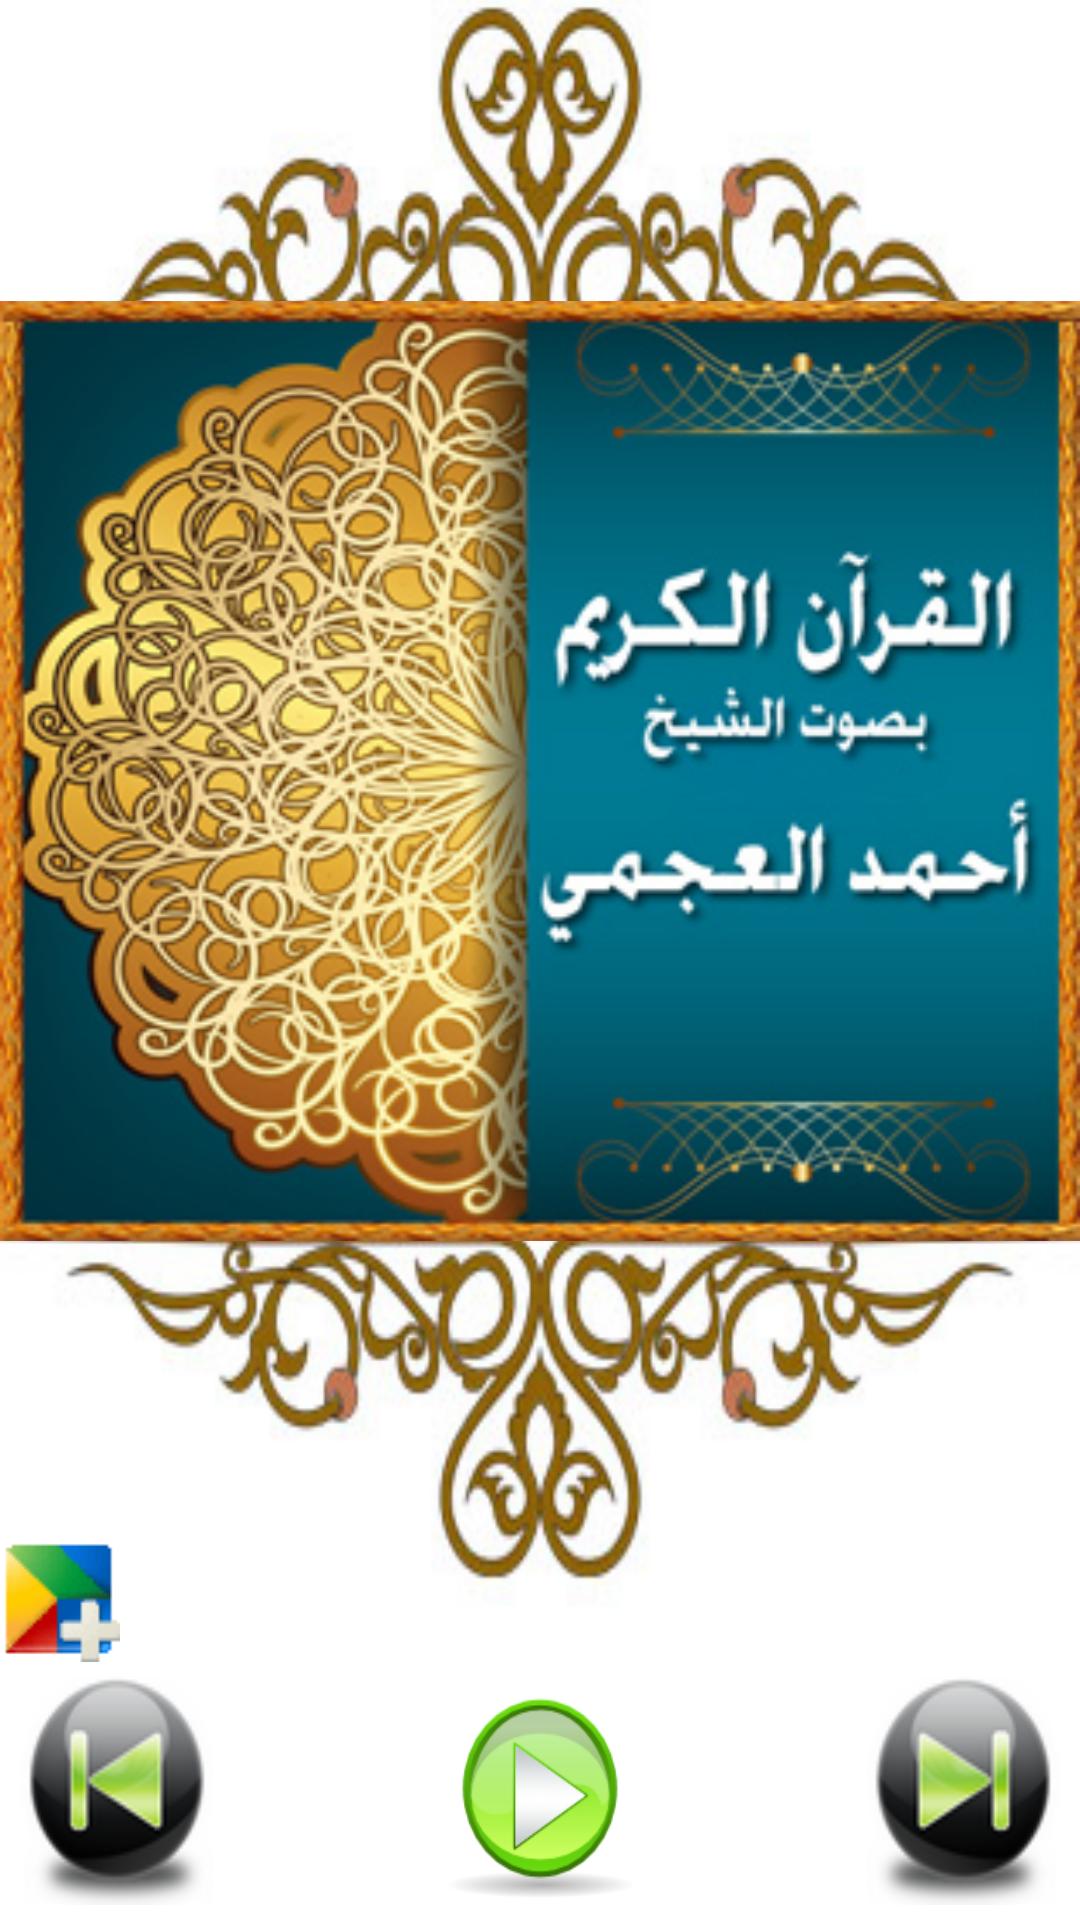 Ahmad Ajmi Quran: no internet